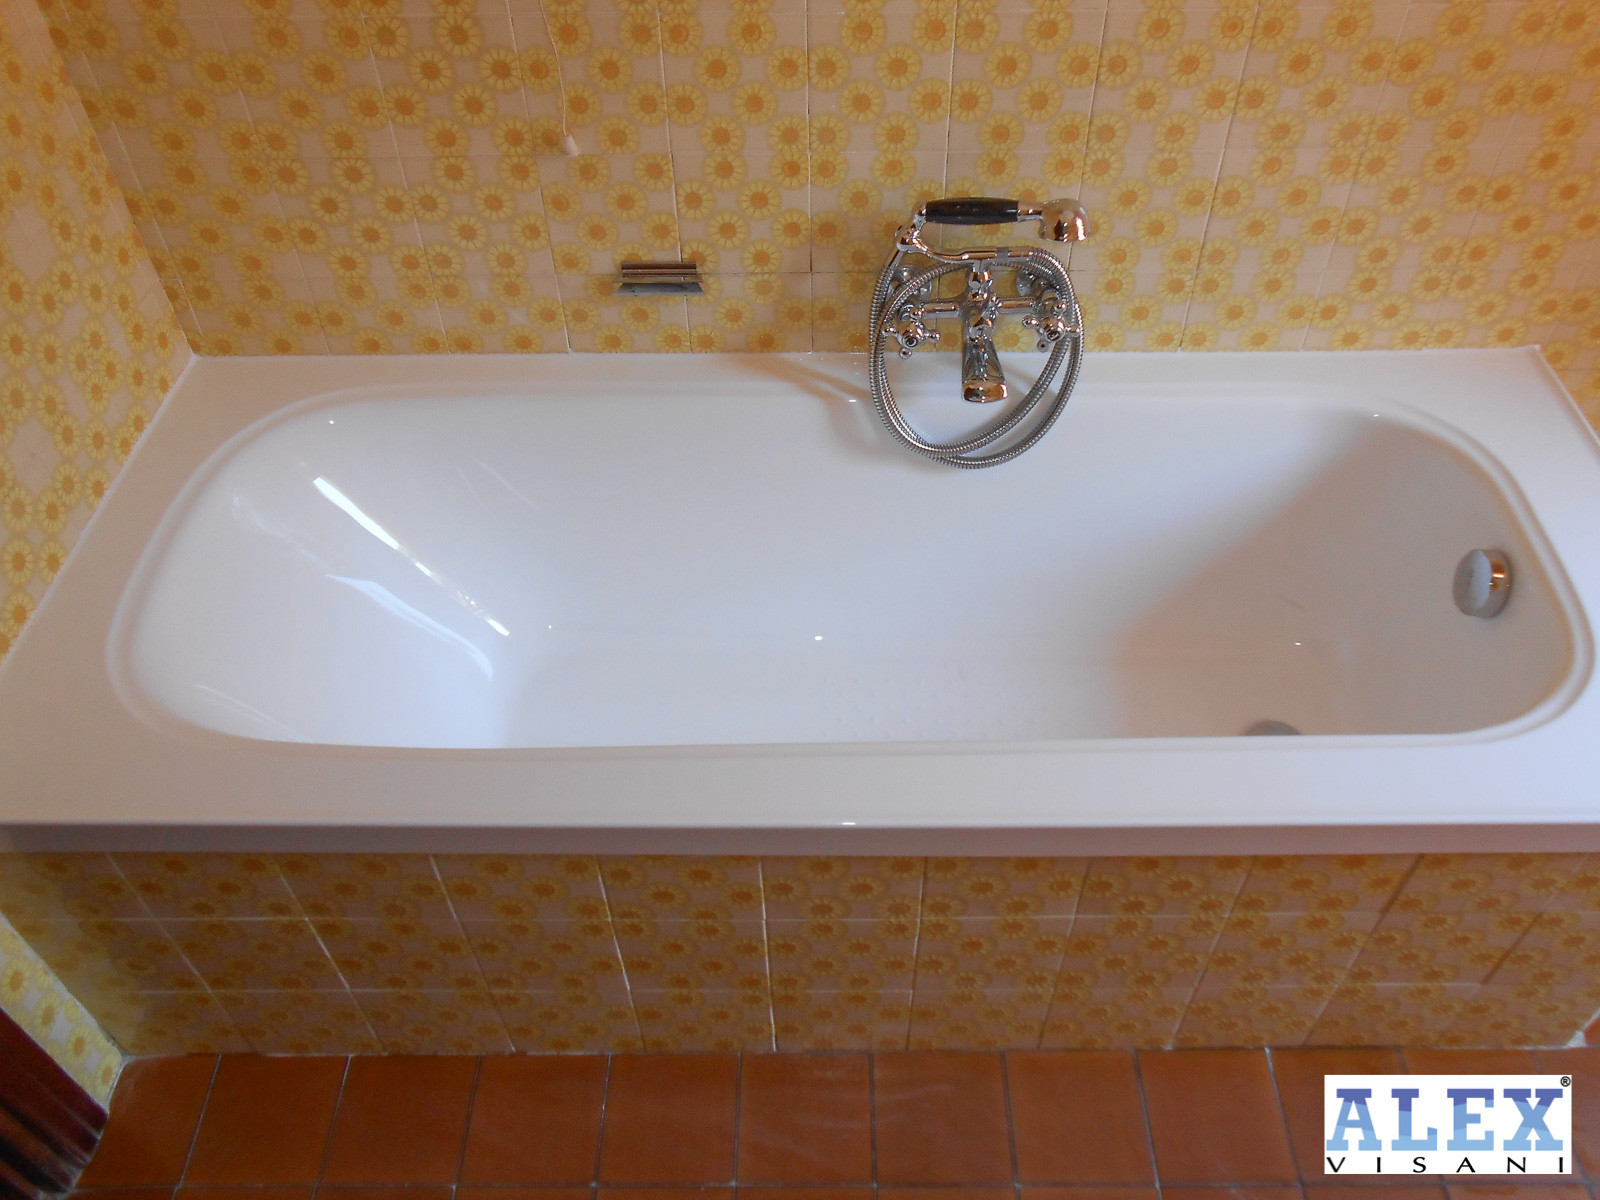 Vasca Da Bagno Rovinata : Sovrapposizione vasca da bagno realizzata a siena alex